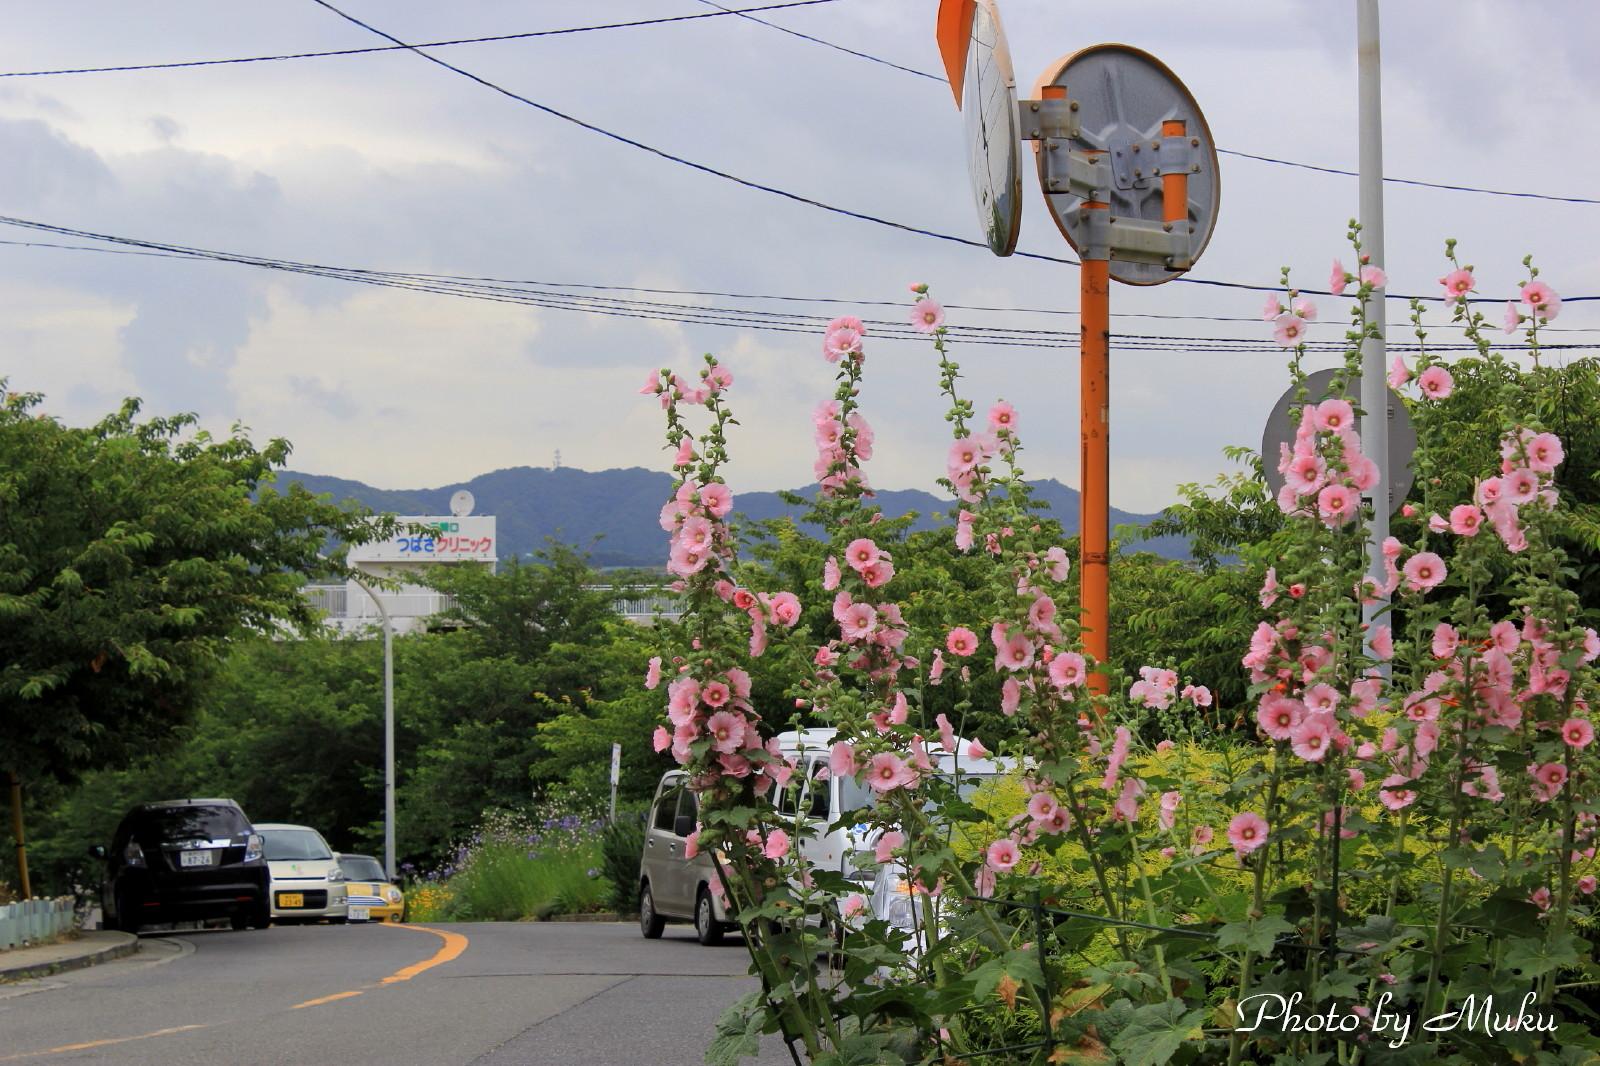 2014/06/27 立葵(三崎口:神奈川県三浦市)